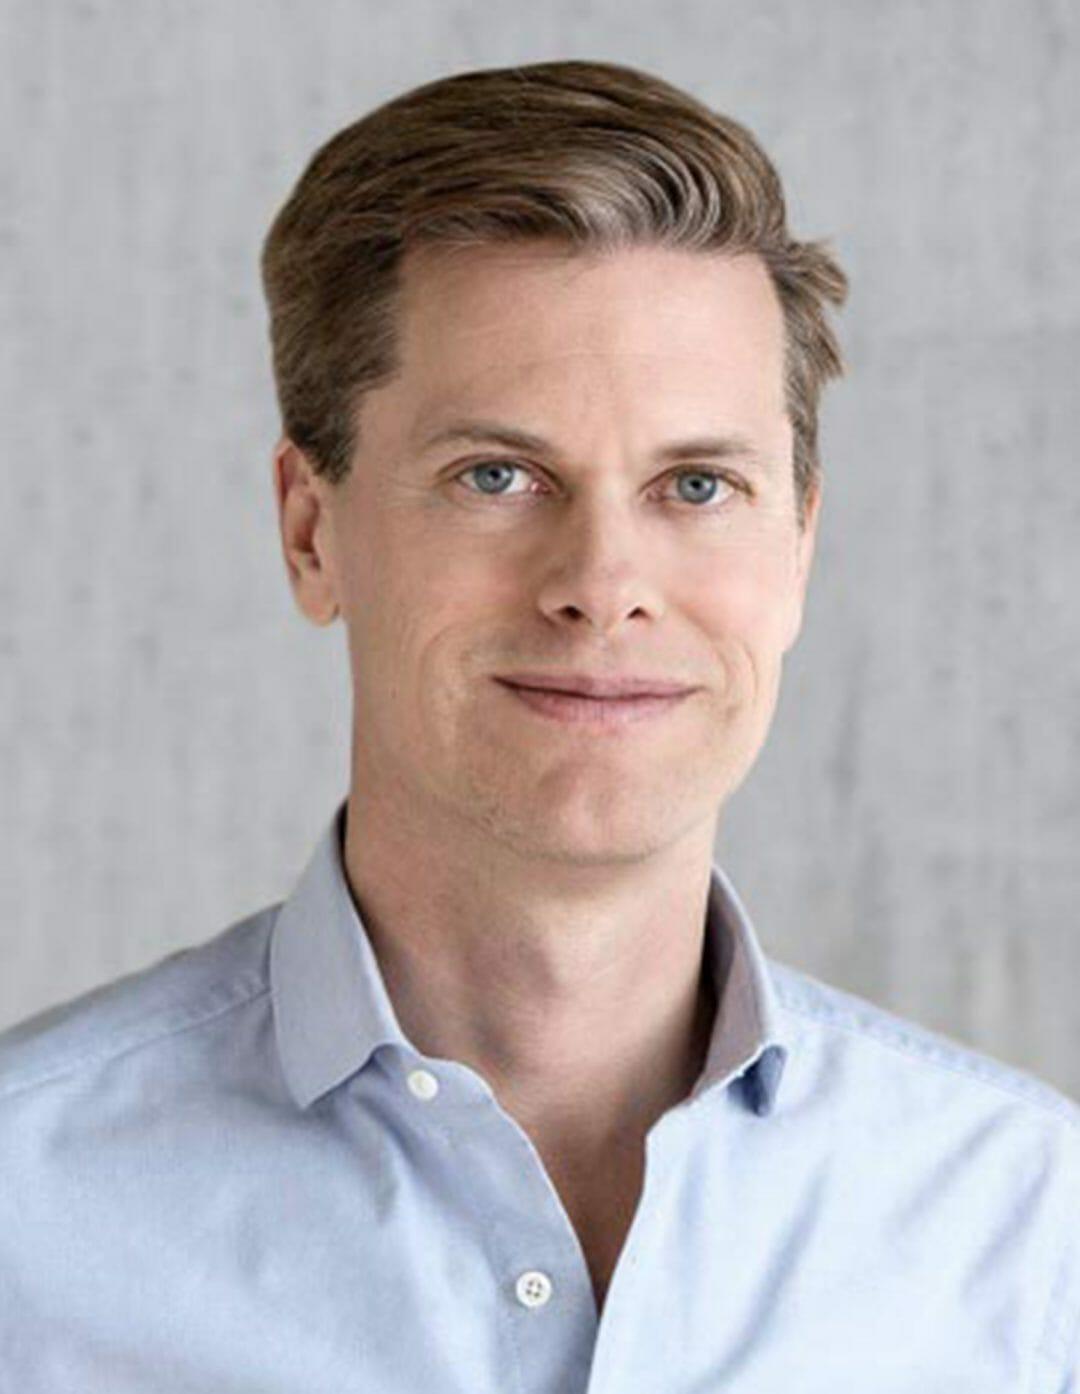 Dr. Christian Saller is Advisor at Ananda Impact Ventures